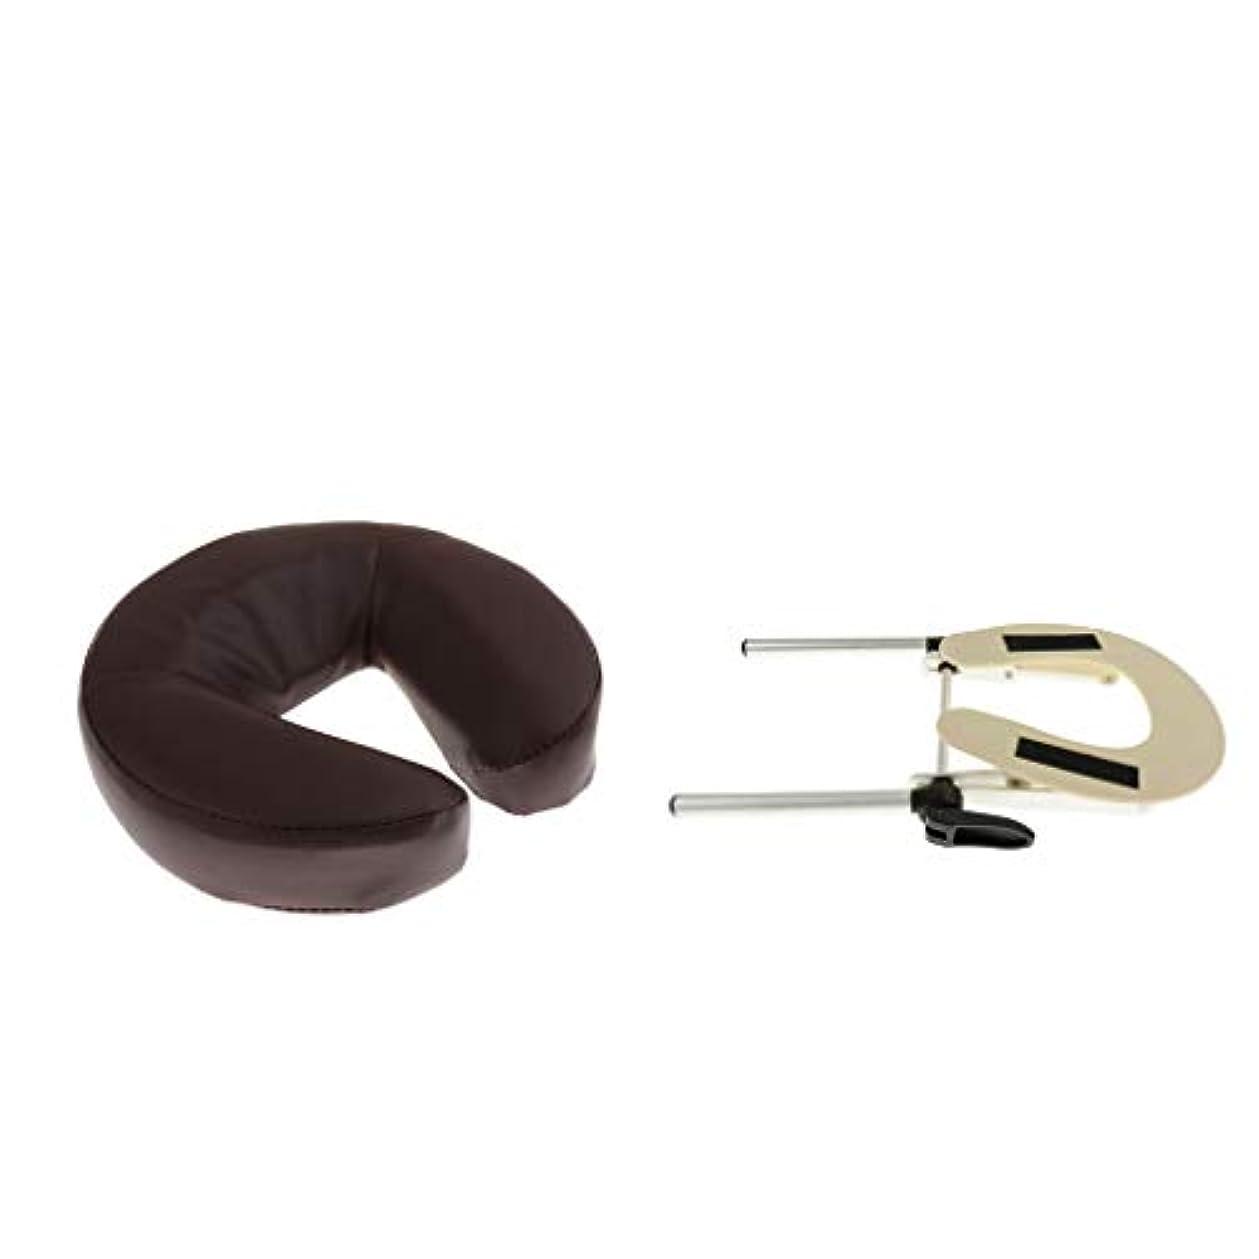 花弁熟す彫刻フェイスクレードルクッション フェイスダウン枕 耐久性 使いやすい